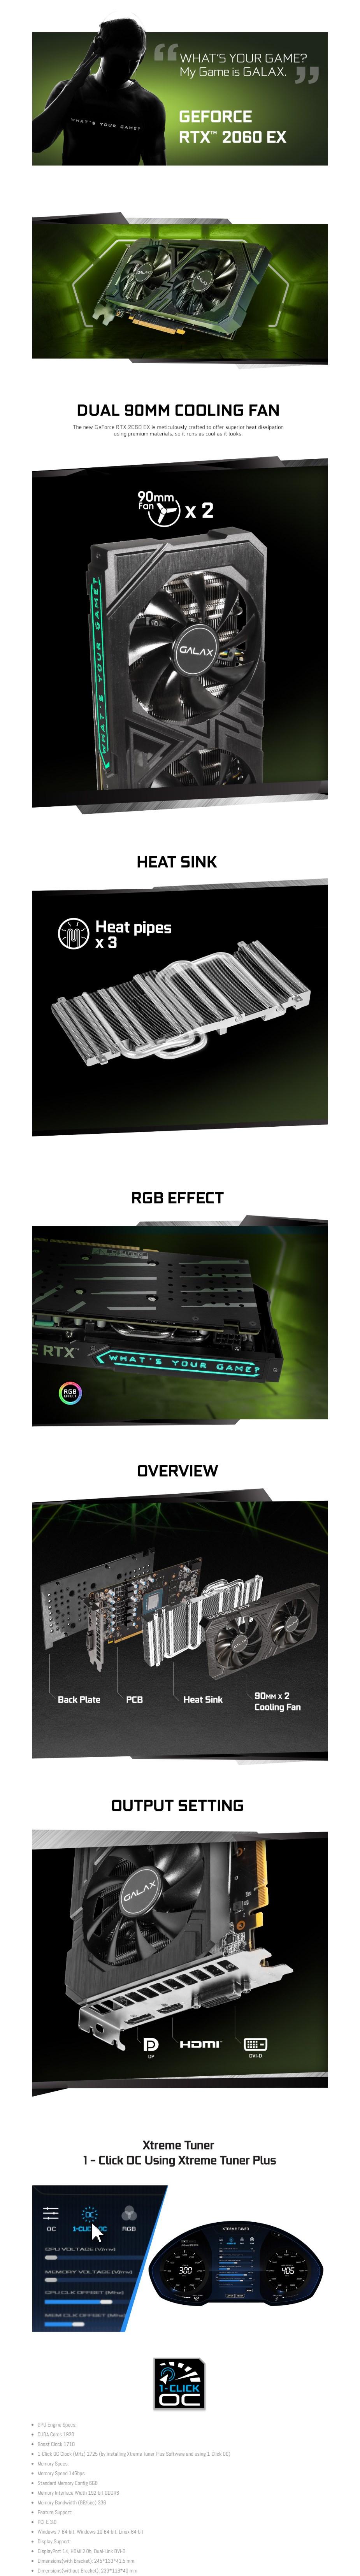 galax-geforce-rtx-2060-ex-1click-oc-6gb-video-card-ac28837-6.jpg